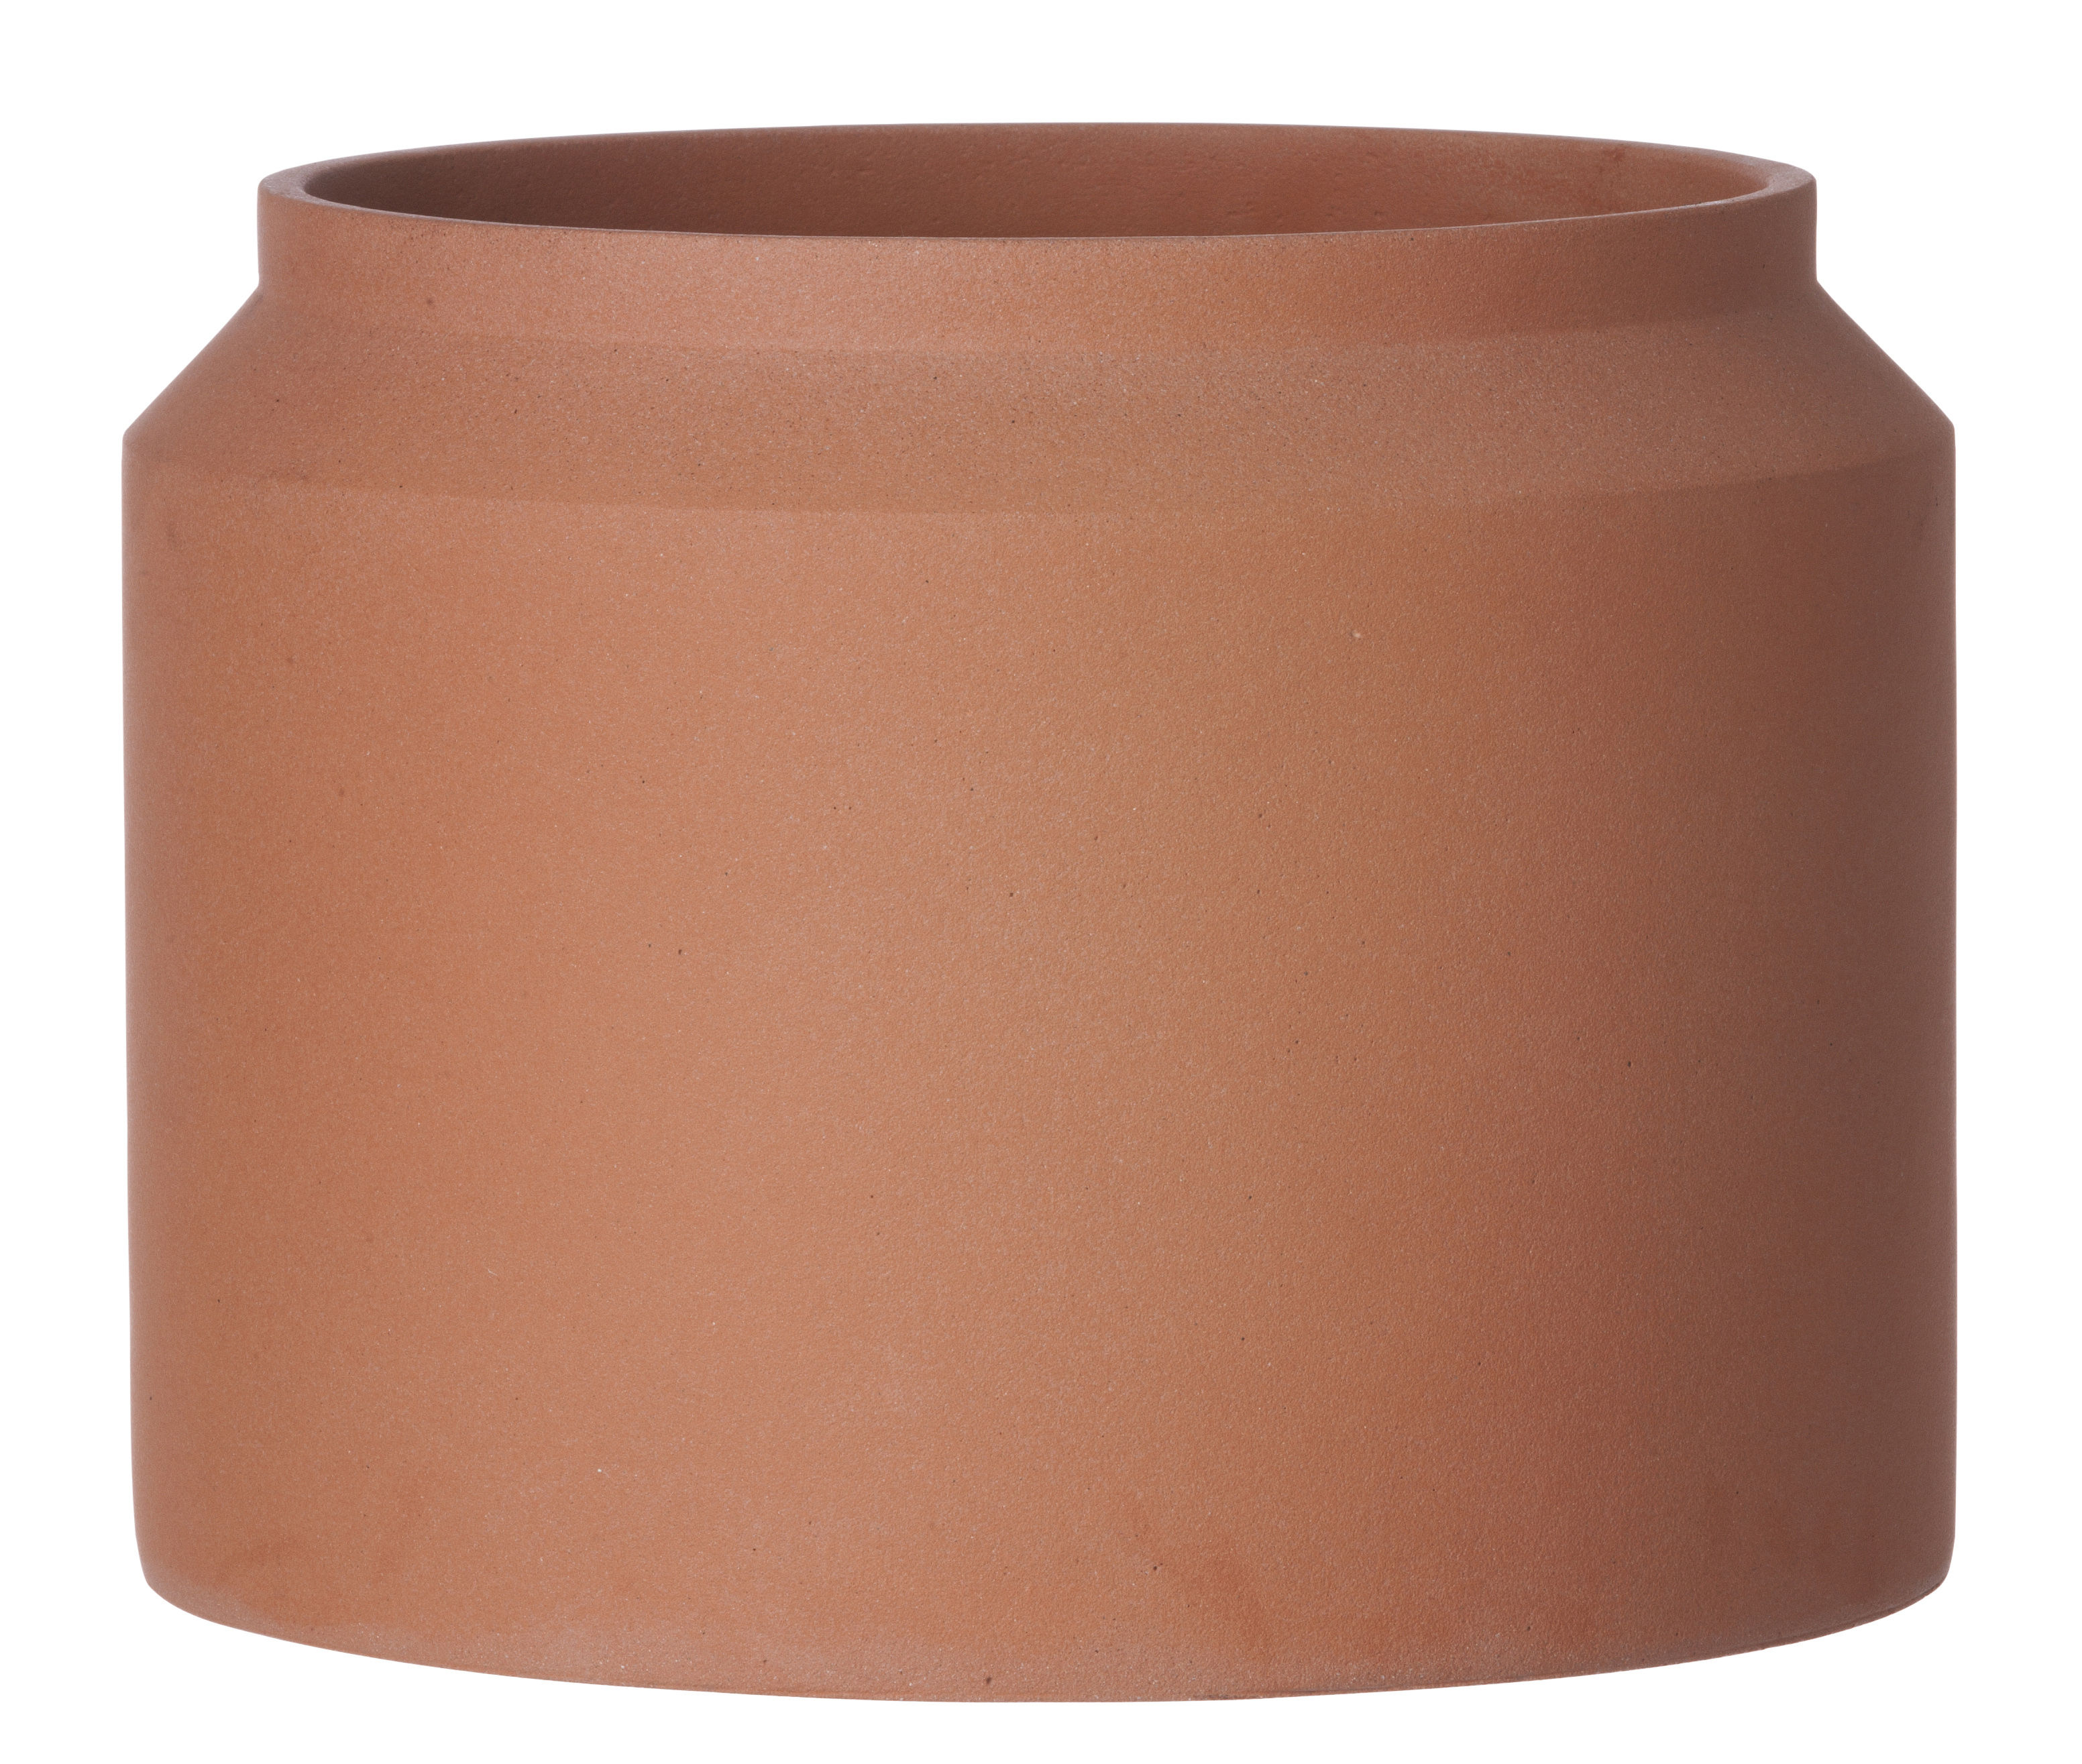 Outdoor - Pots et plantes - Pot de fleurs Contenant Large / Béton - Ø 32 x H 25 cm - Ferm Living - Terracotta - Béton